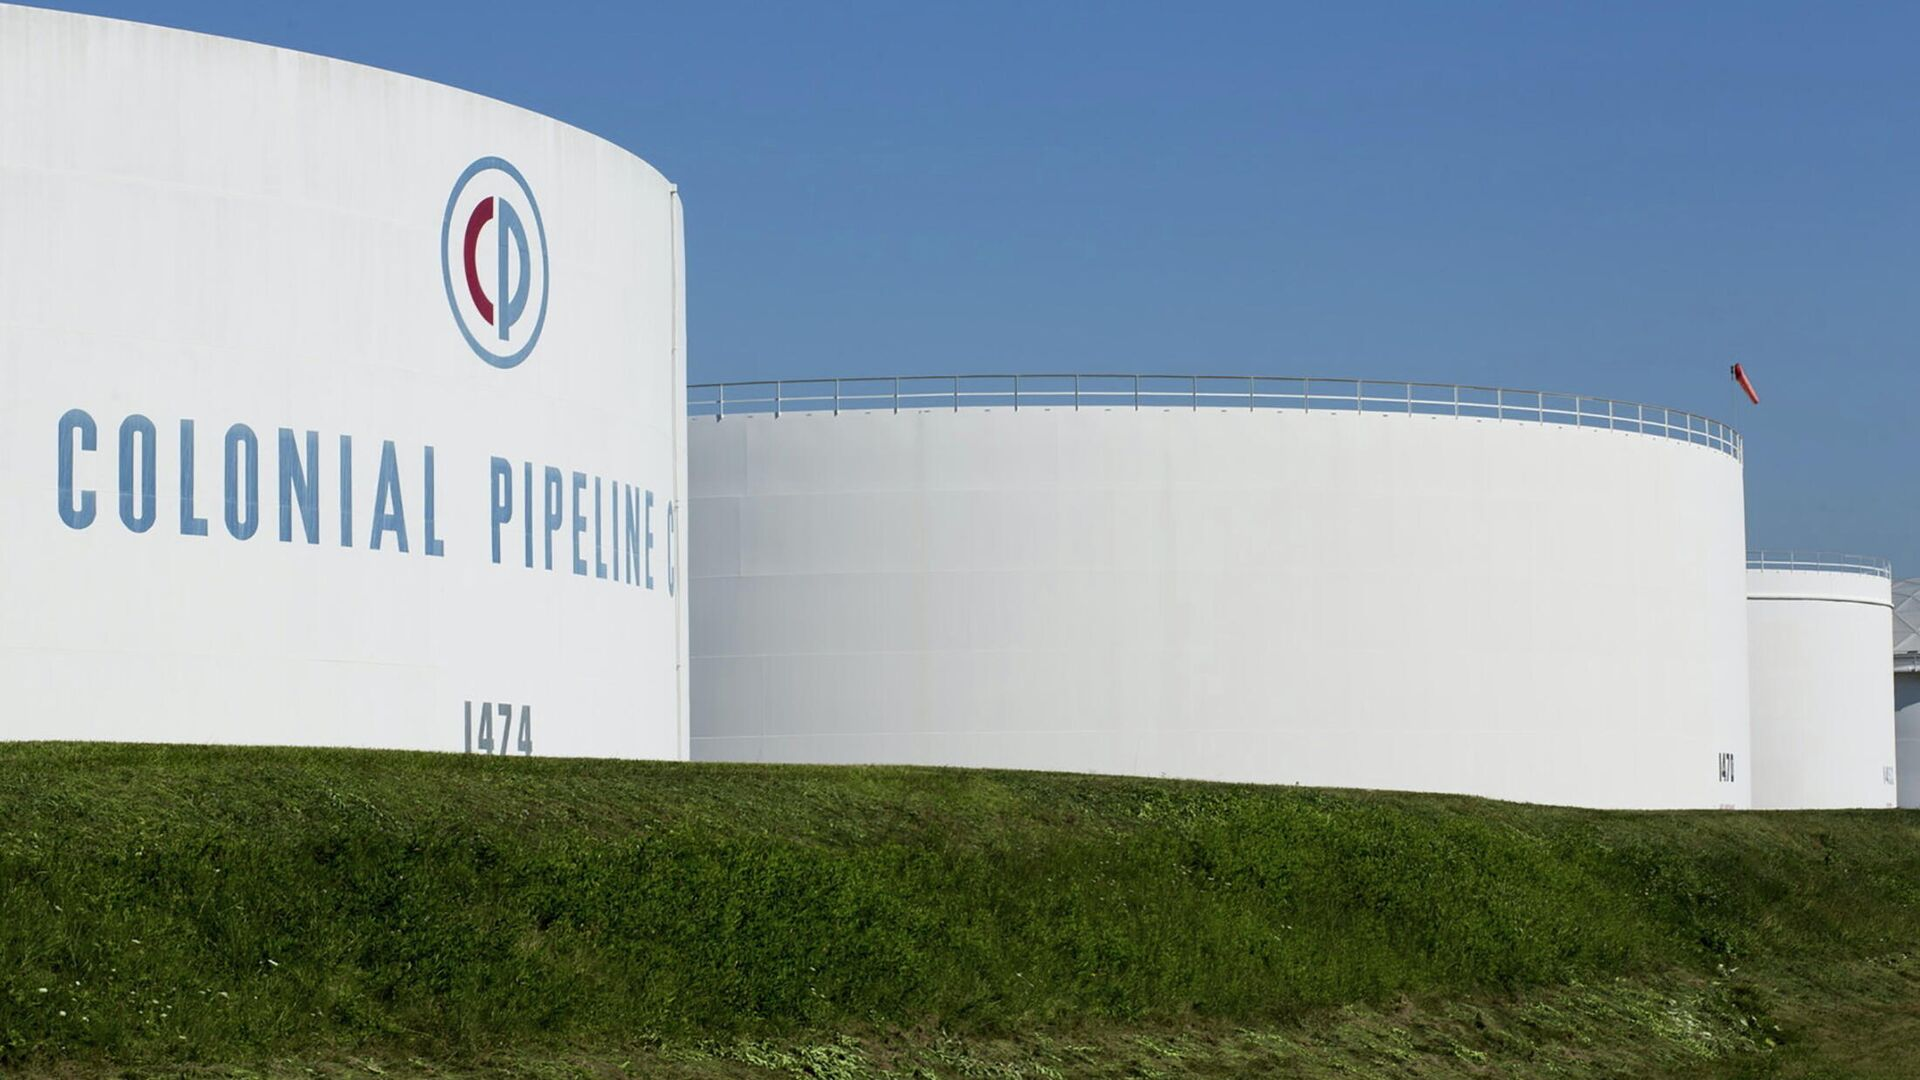 Резервуары для хранения нефтепродкутов в резервуарном парке Linden Junction компании Colonial Pipeline - РИА Новости, 1920, 14.05.2021